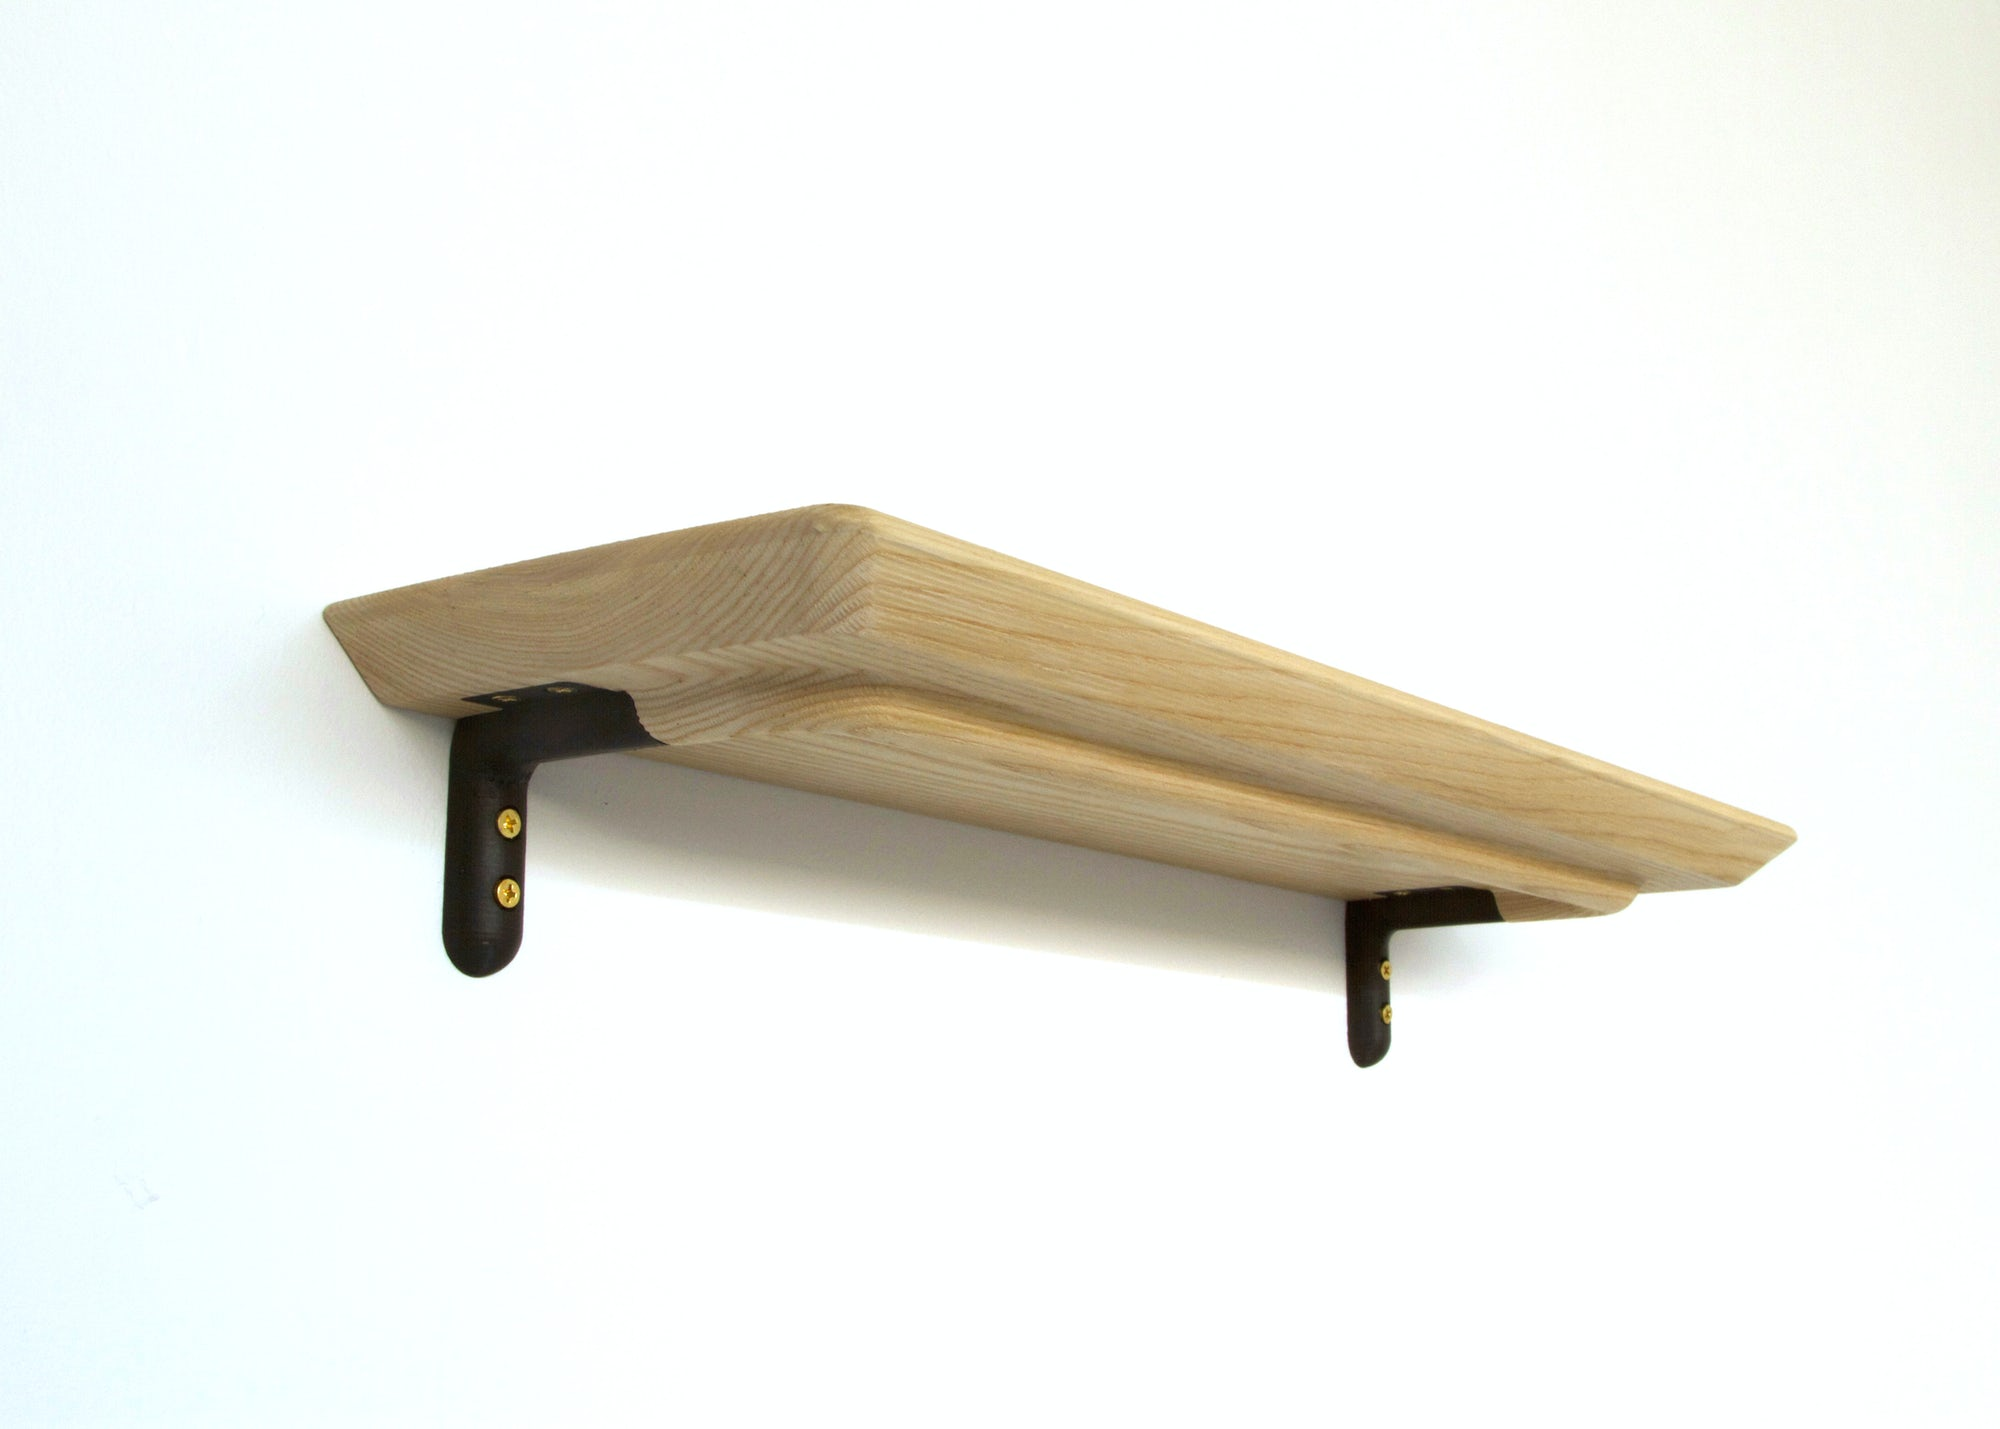 Untitled (Shelf)